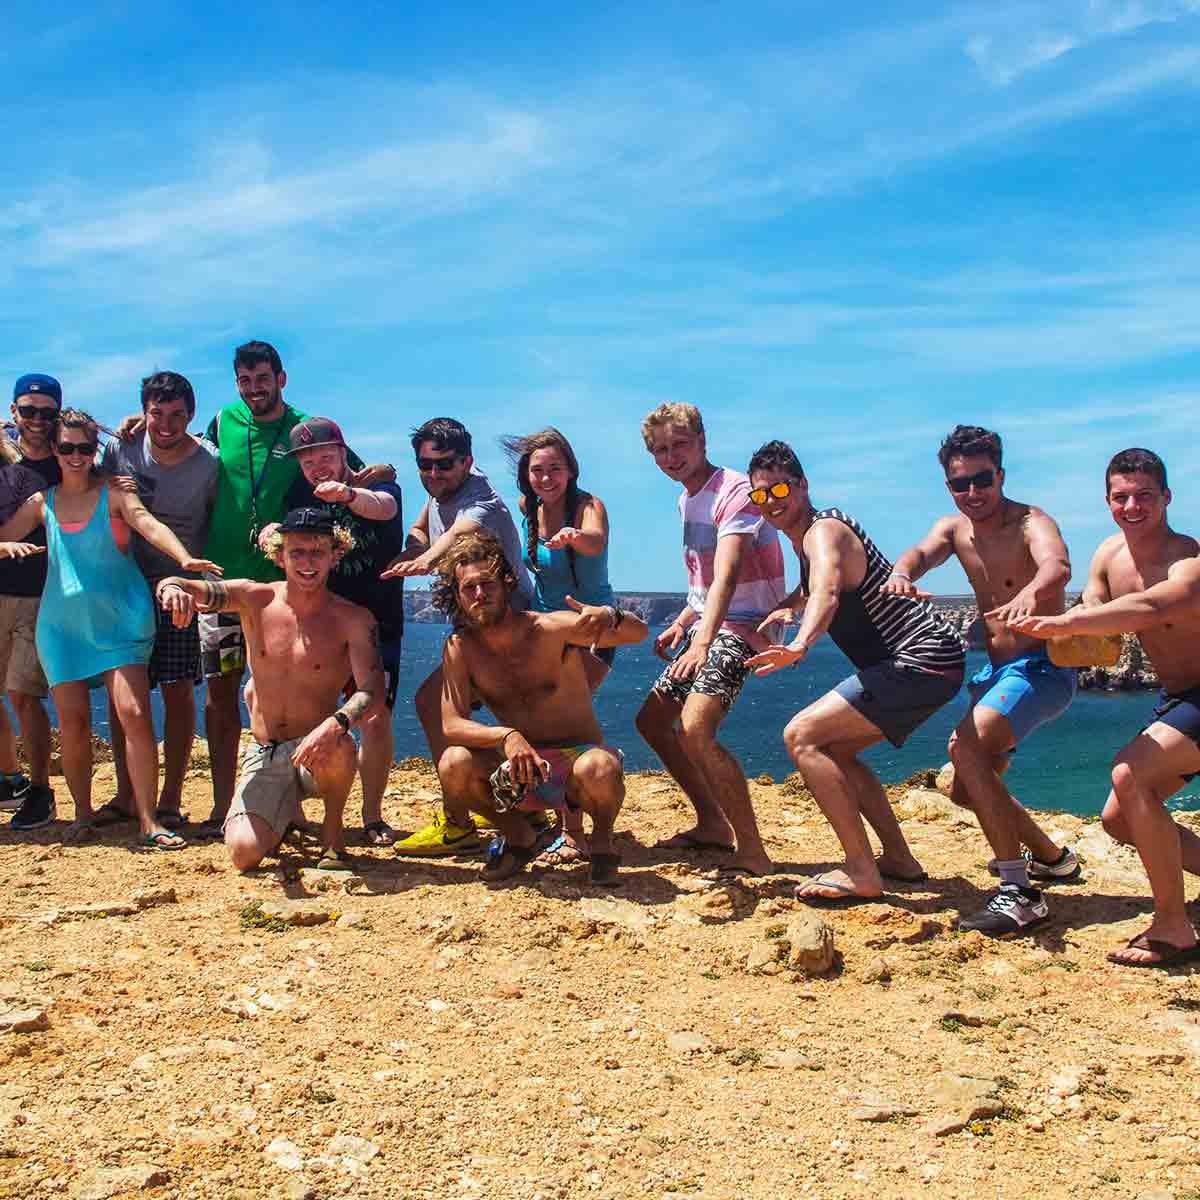 6 motivos para venir a Wavy Surf Camp